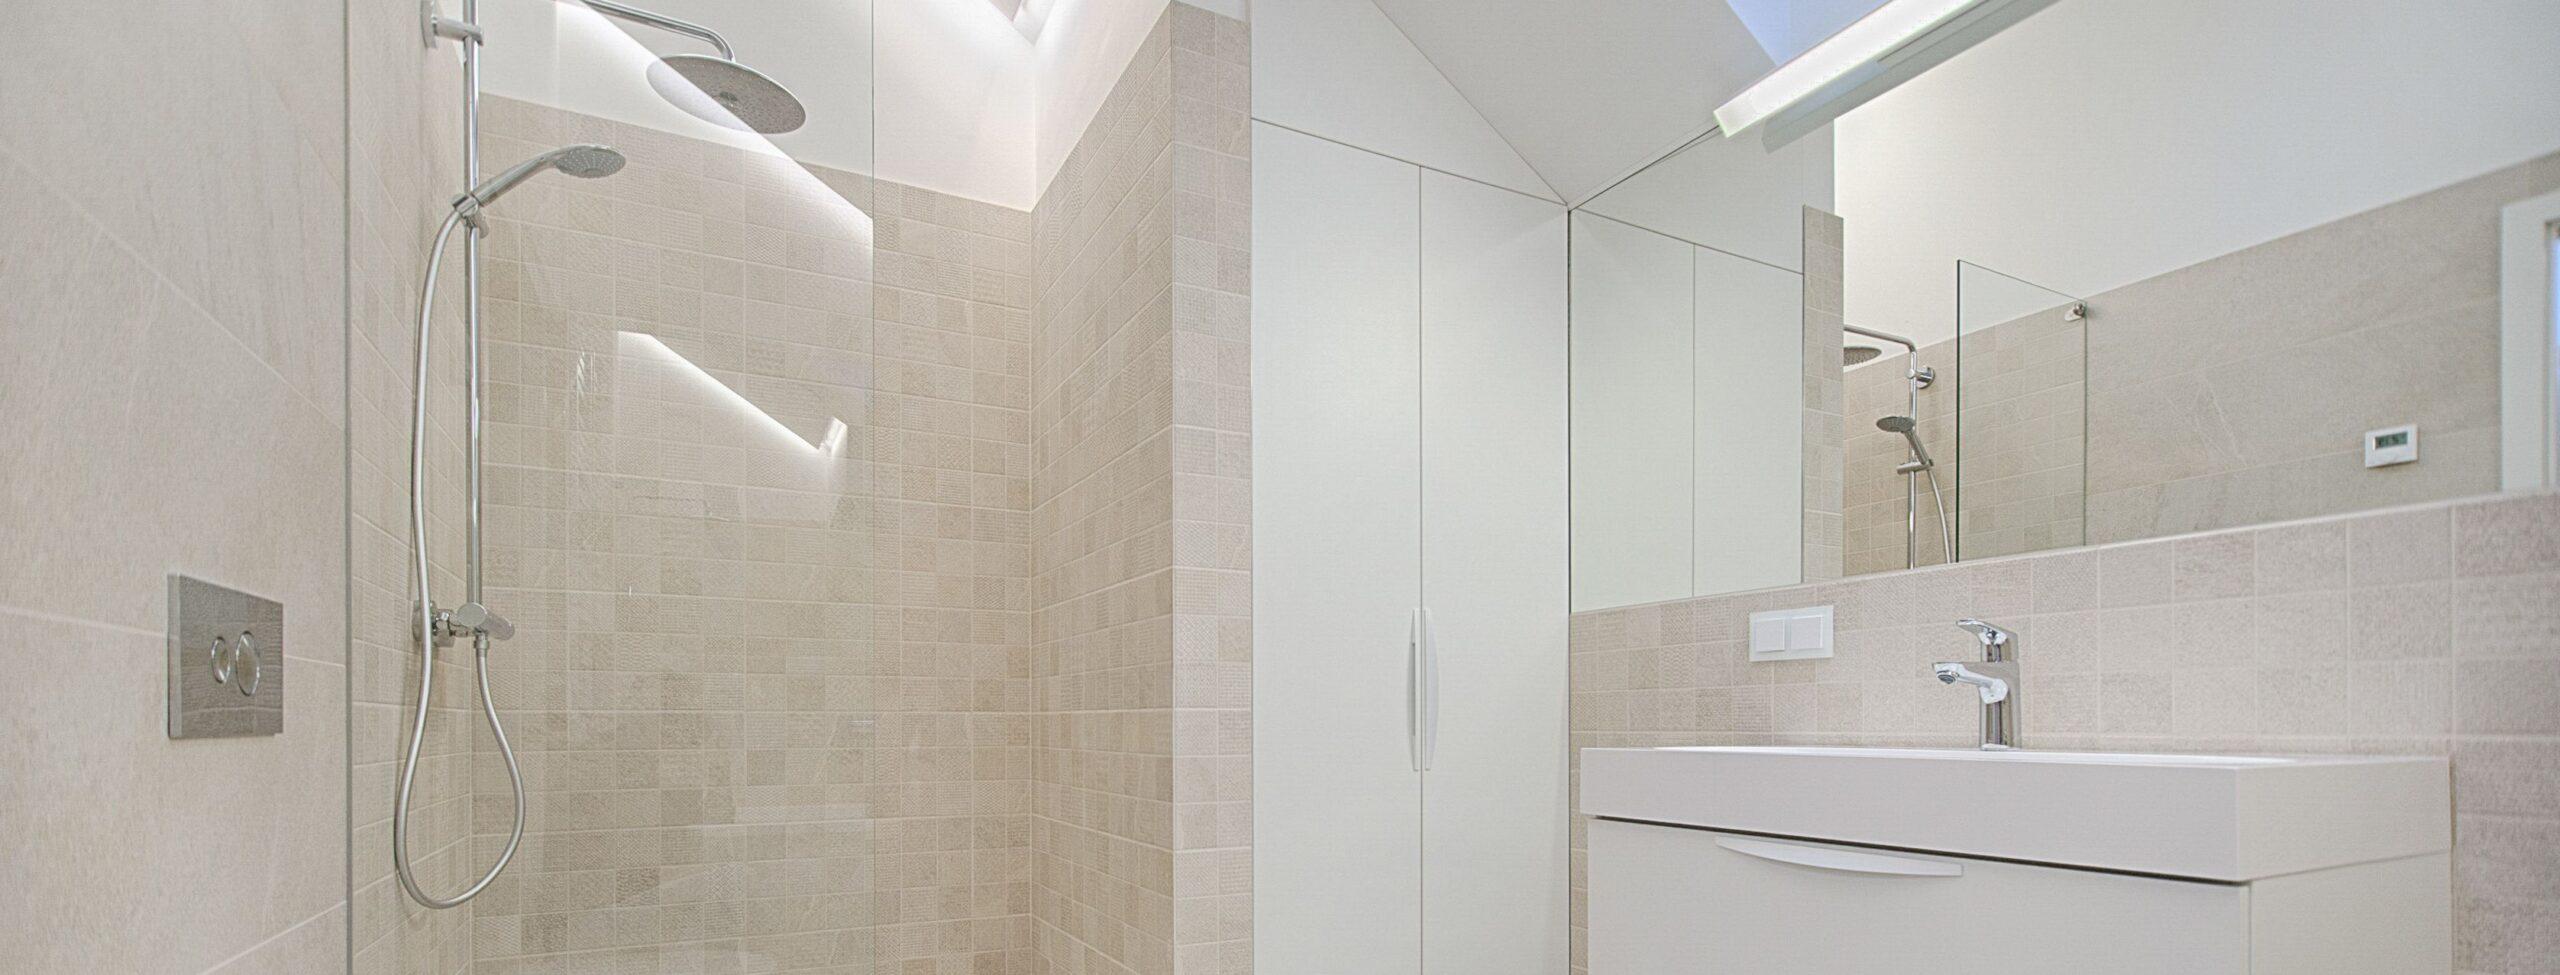 Full Size of Ebenerdige Dusche Kosten Einbauen Preise Walk In Glasabtrennung Sprinz Duschen Küche Ikea Badewanne Mit Tür Und Moderne Mischbatterie Bodengleiche Fliesen Dusche Ebenerdige Dusche Kosten